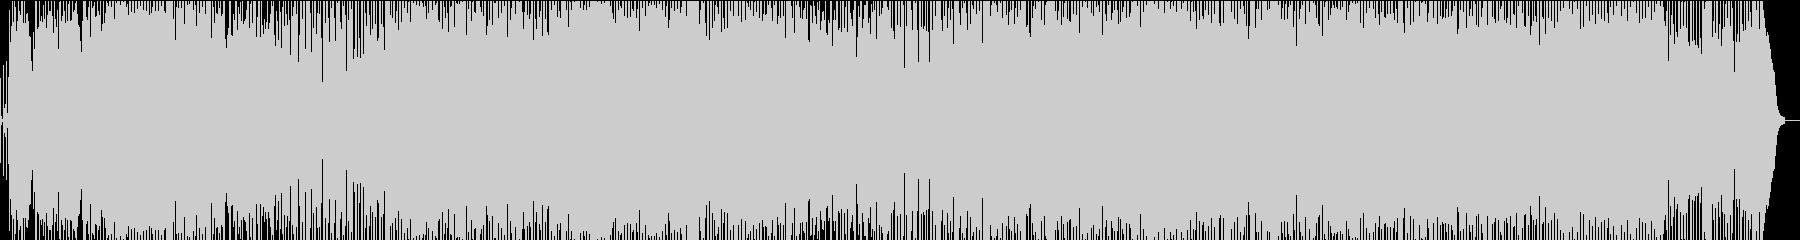 ロックンロールプリズナーの未再生の波形